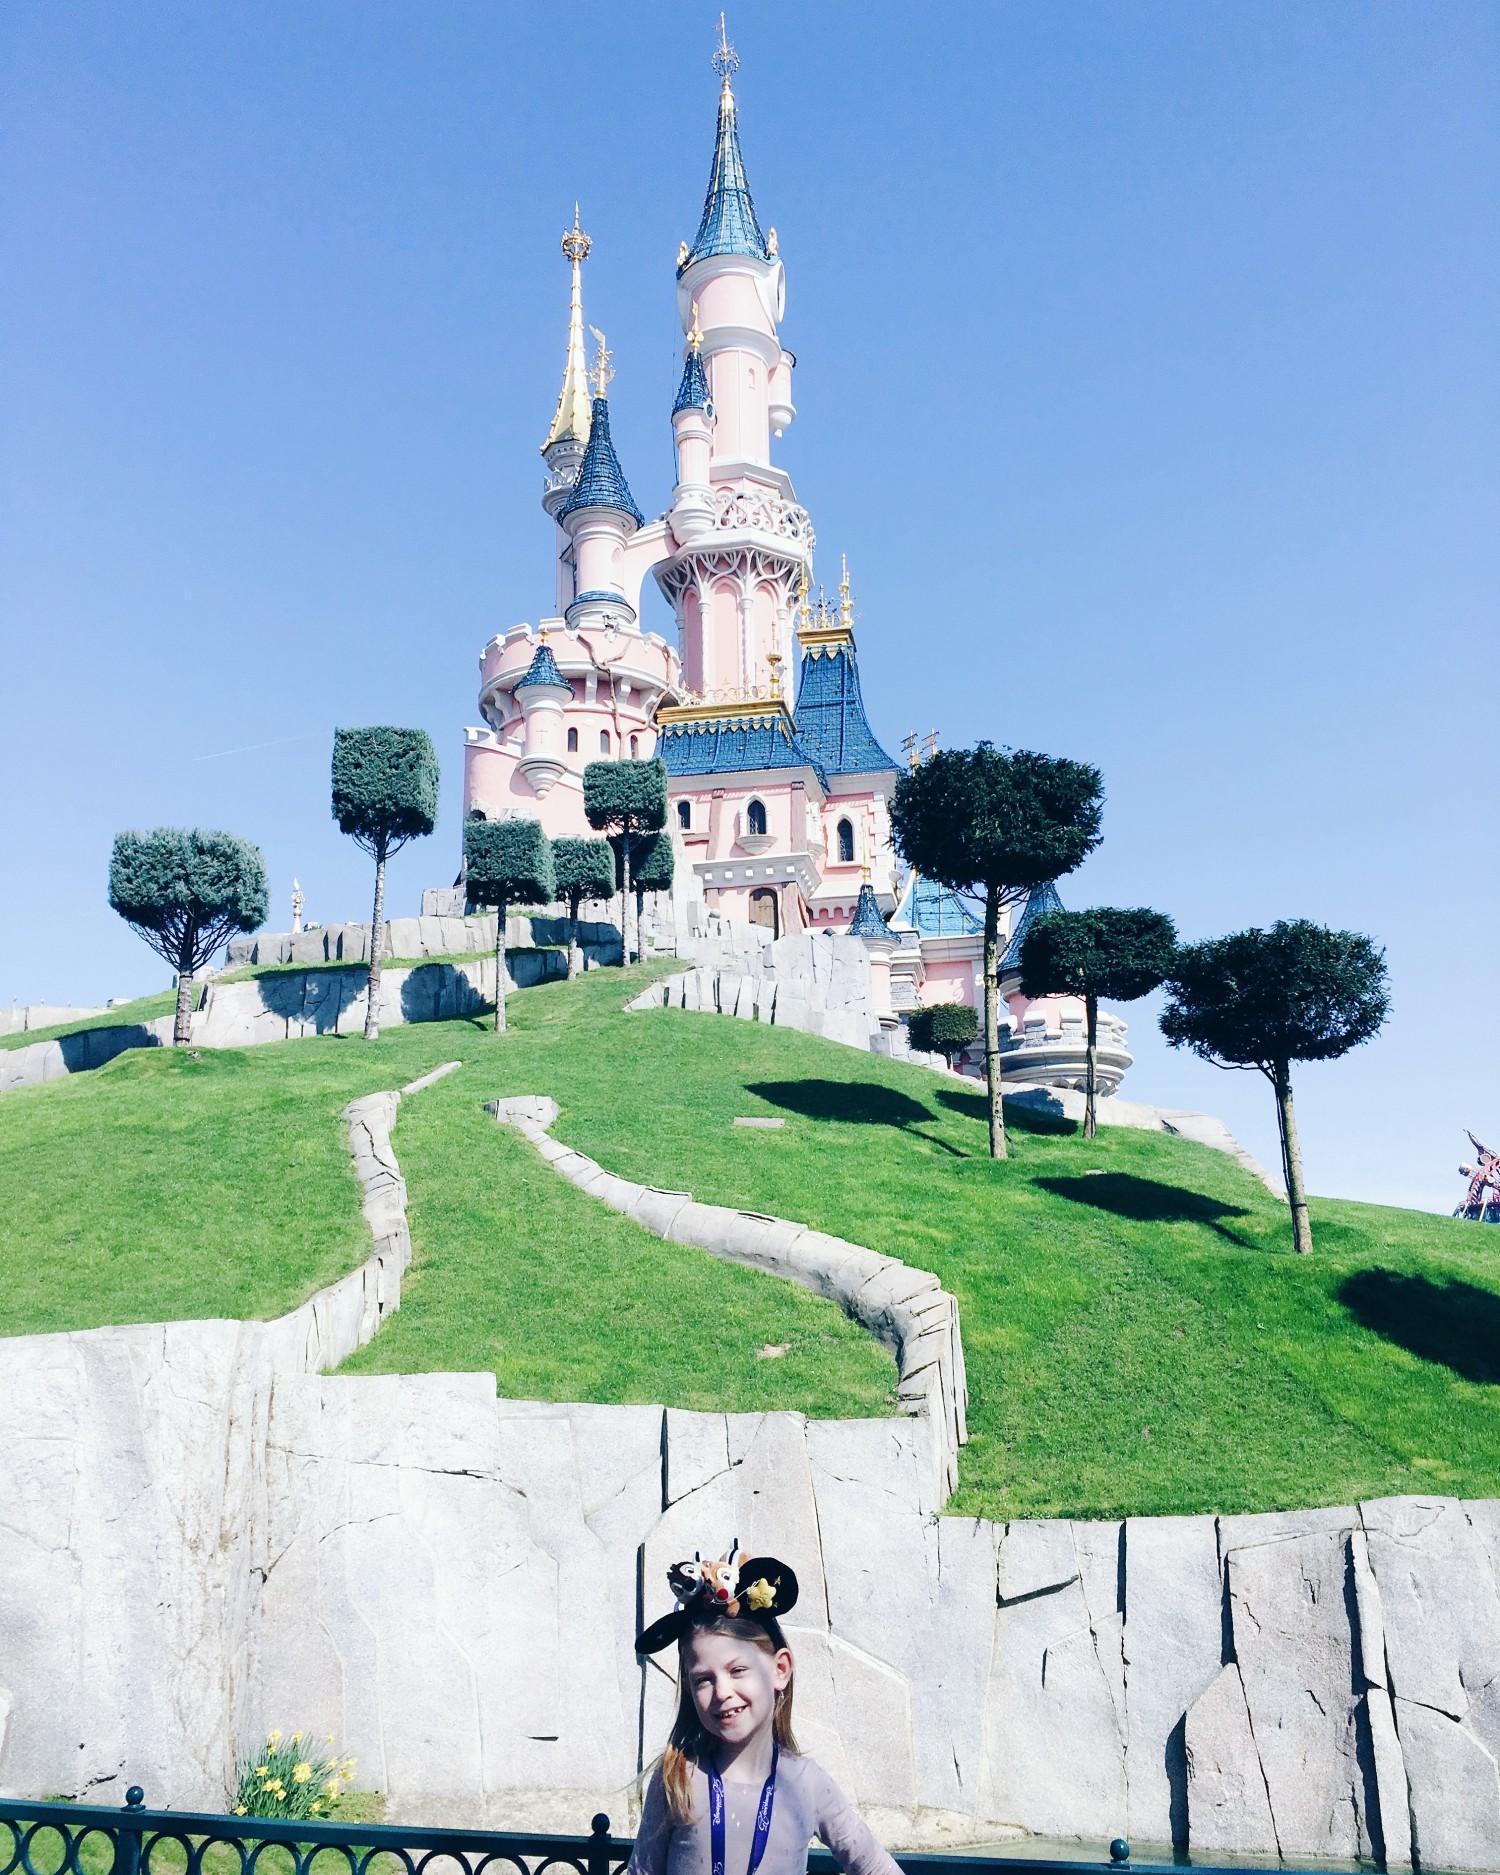 Disneyland Paris slottet